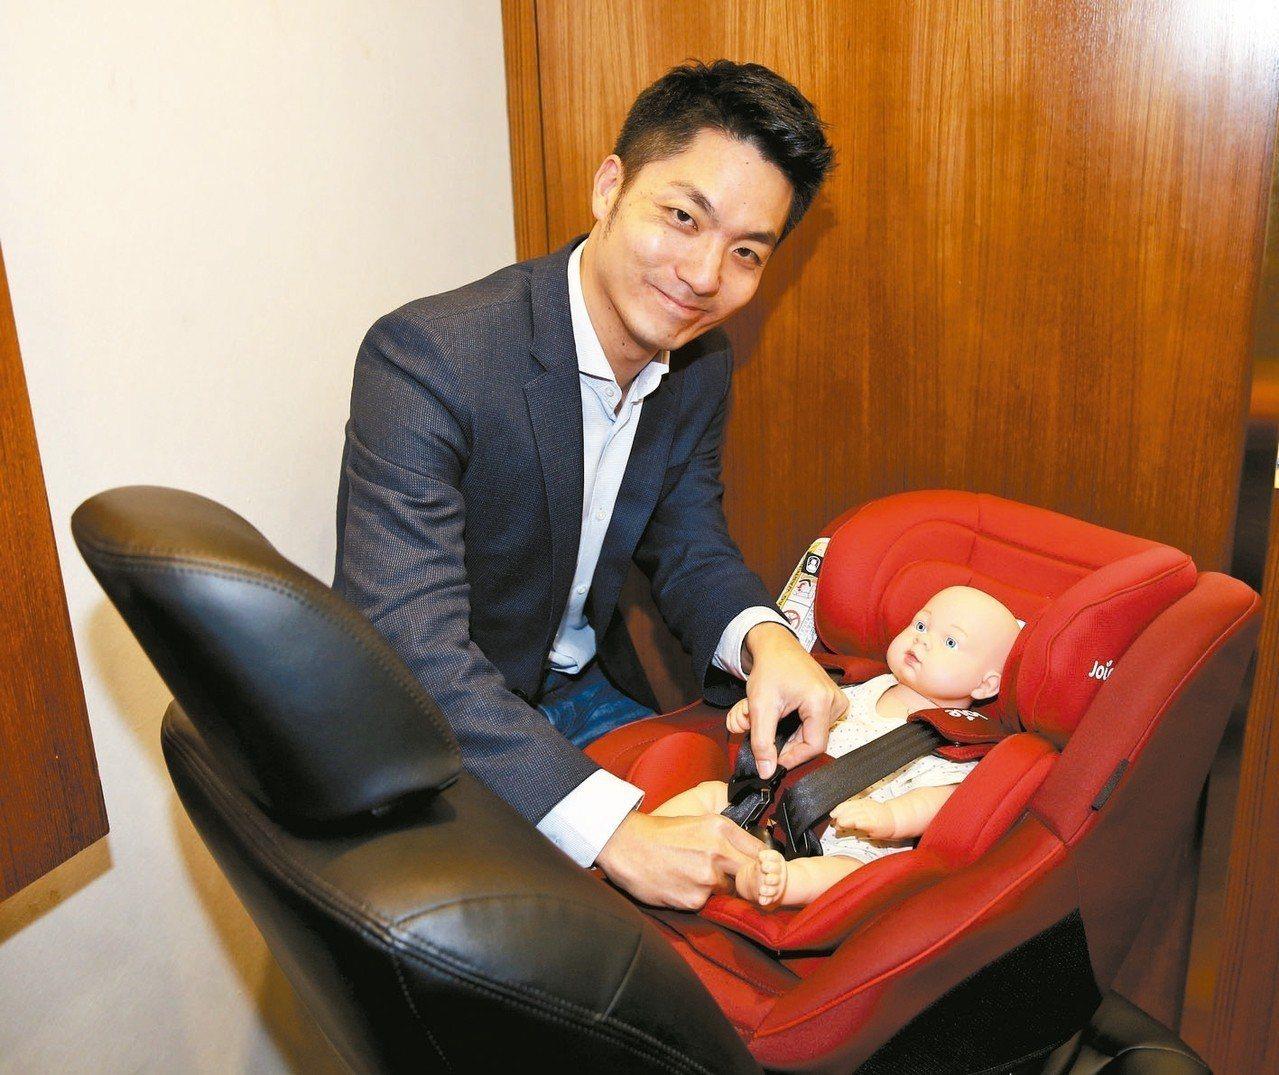 立委蔣萬安與靖娟基金會開記者會,希望推動安全座椅後向式乘坐年齡從1歲延長至2歲,...